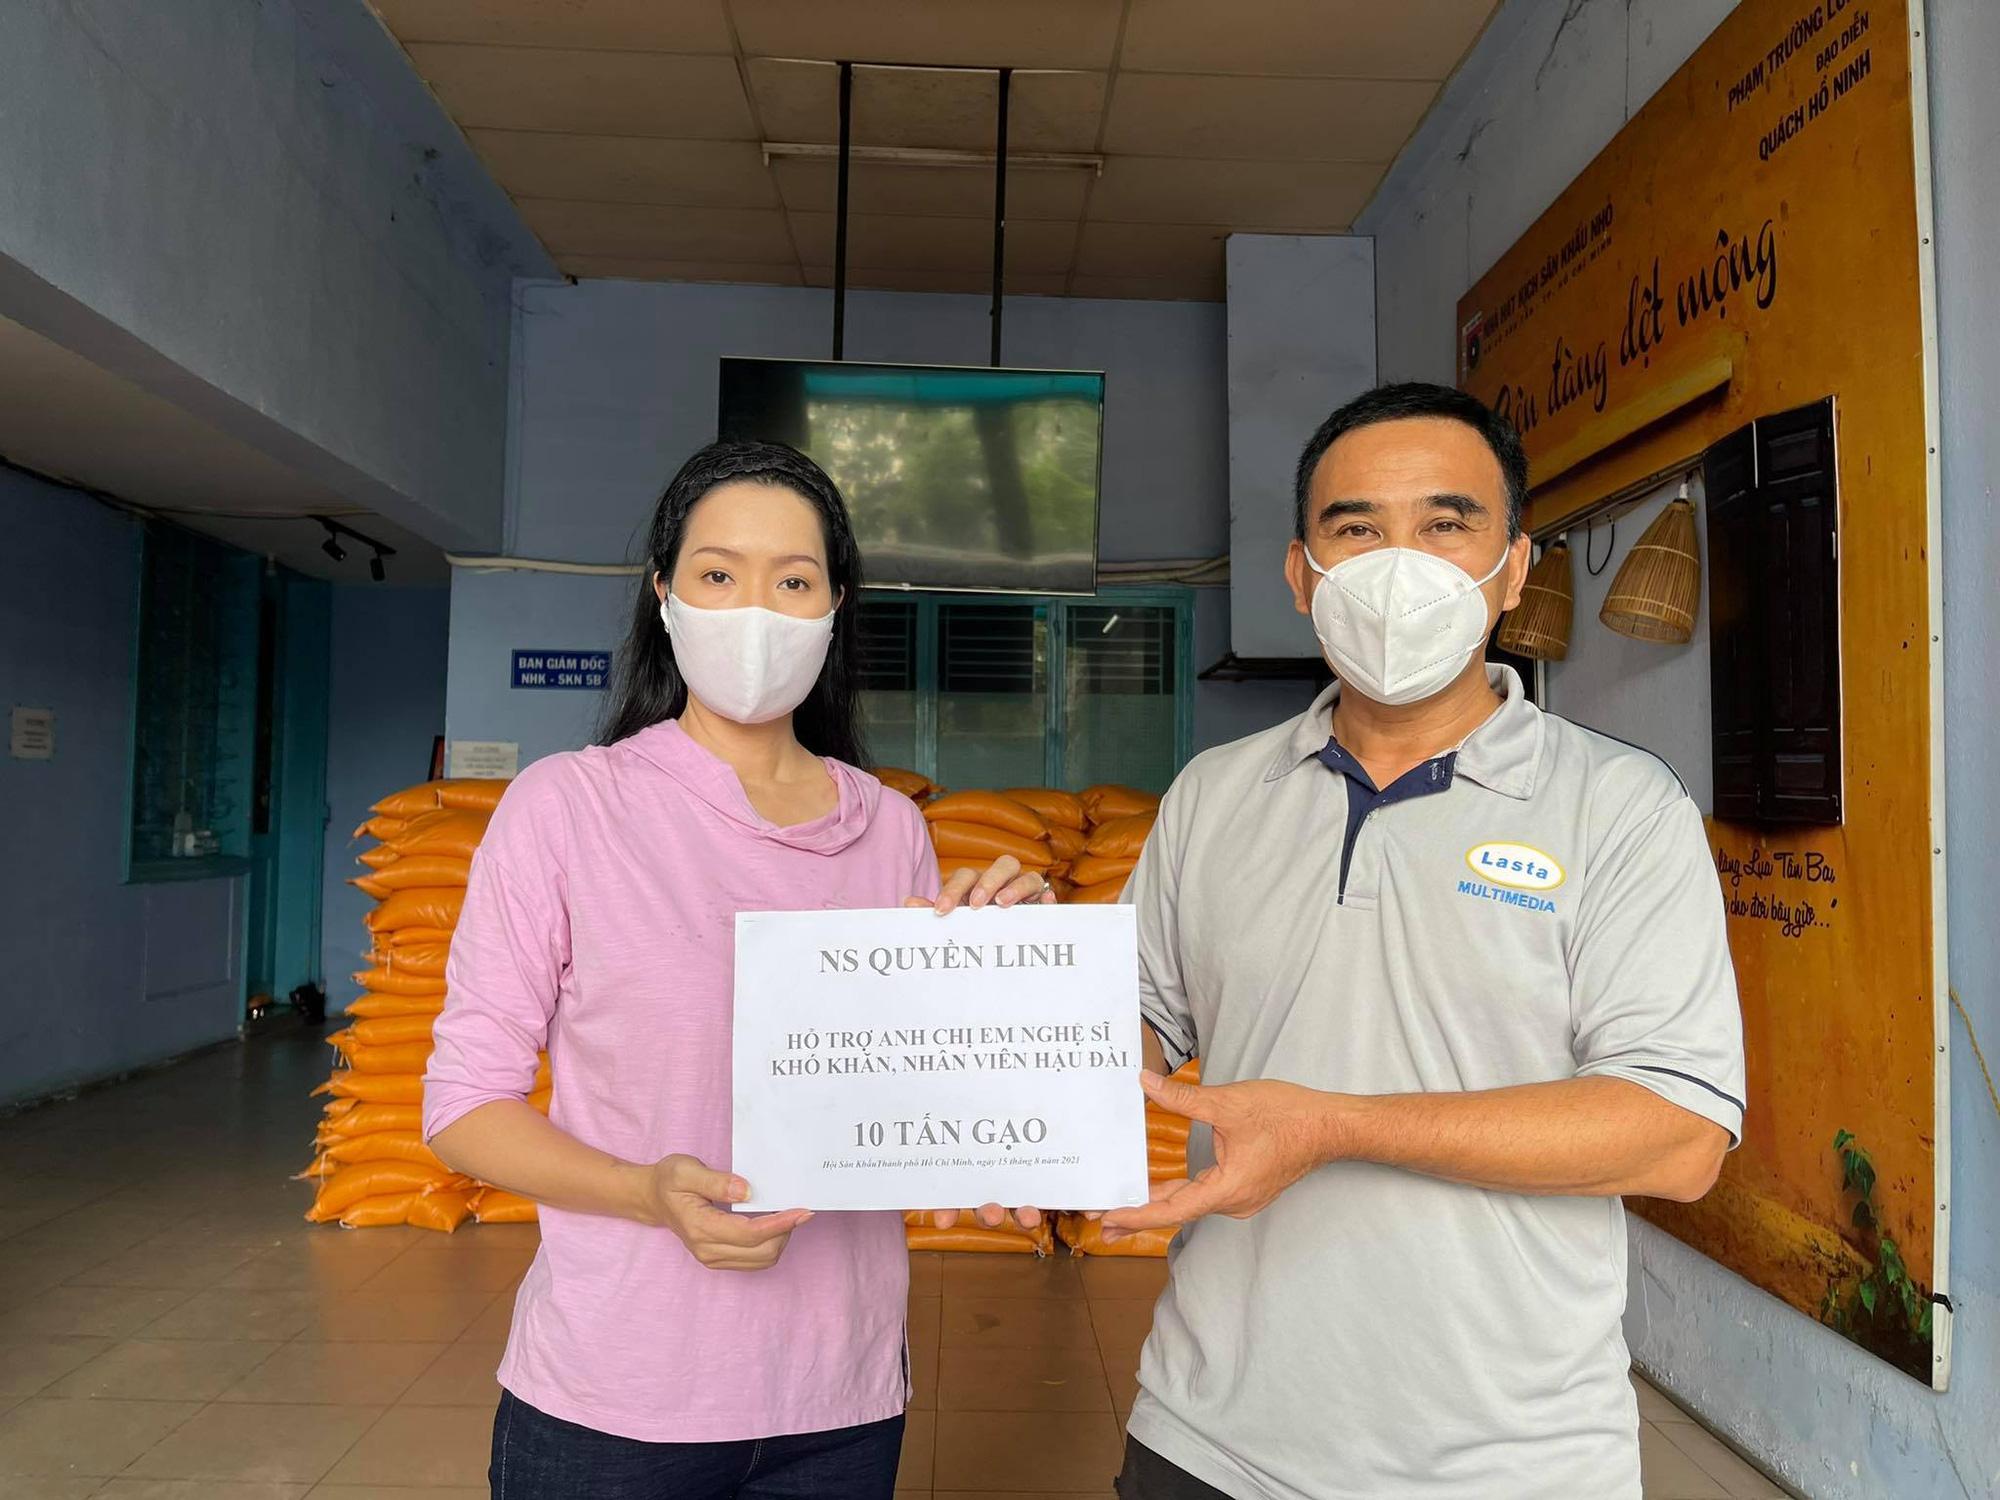 """MC Quyền Linh """"tiếp lửa"""" hỗ trợ 10 tấn gạo cho nhân viên sân khấu, nghệ sĩ nghèo ở TP.HCM - Ảnh 2."""